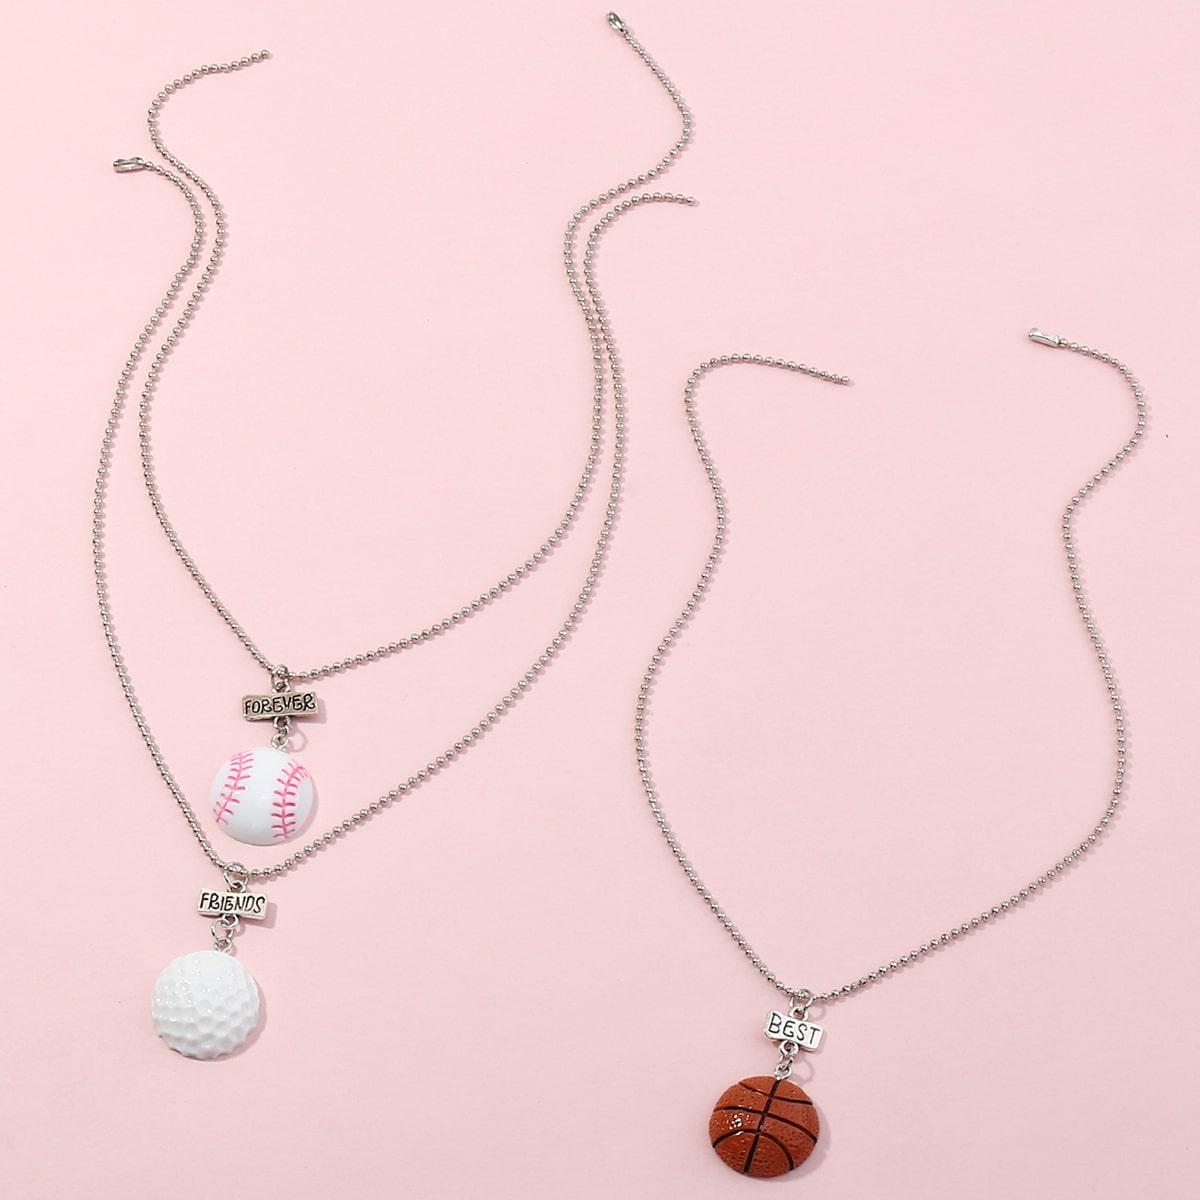 3шт ожерелье с баскетболом для девочек